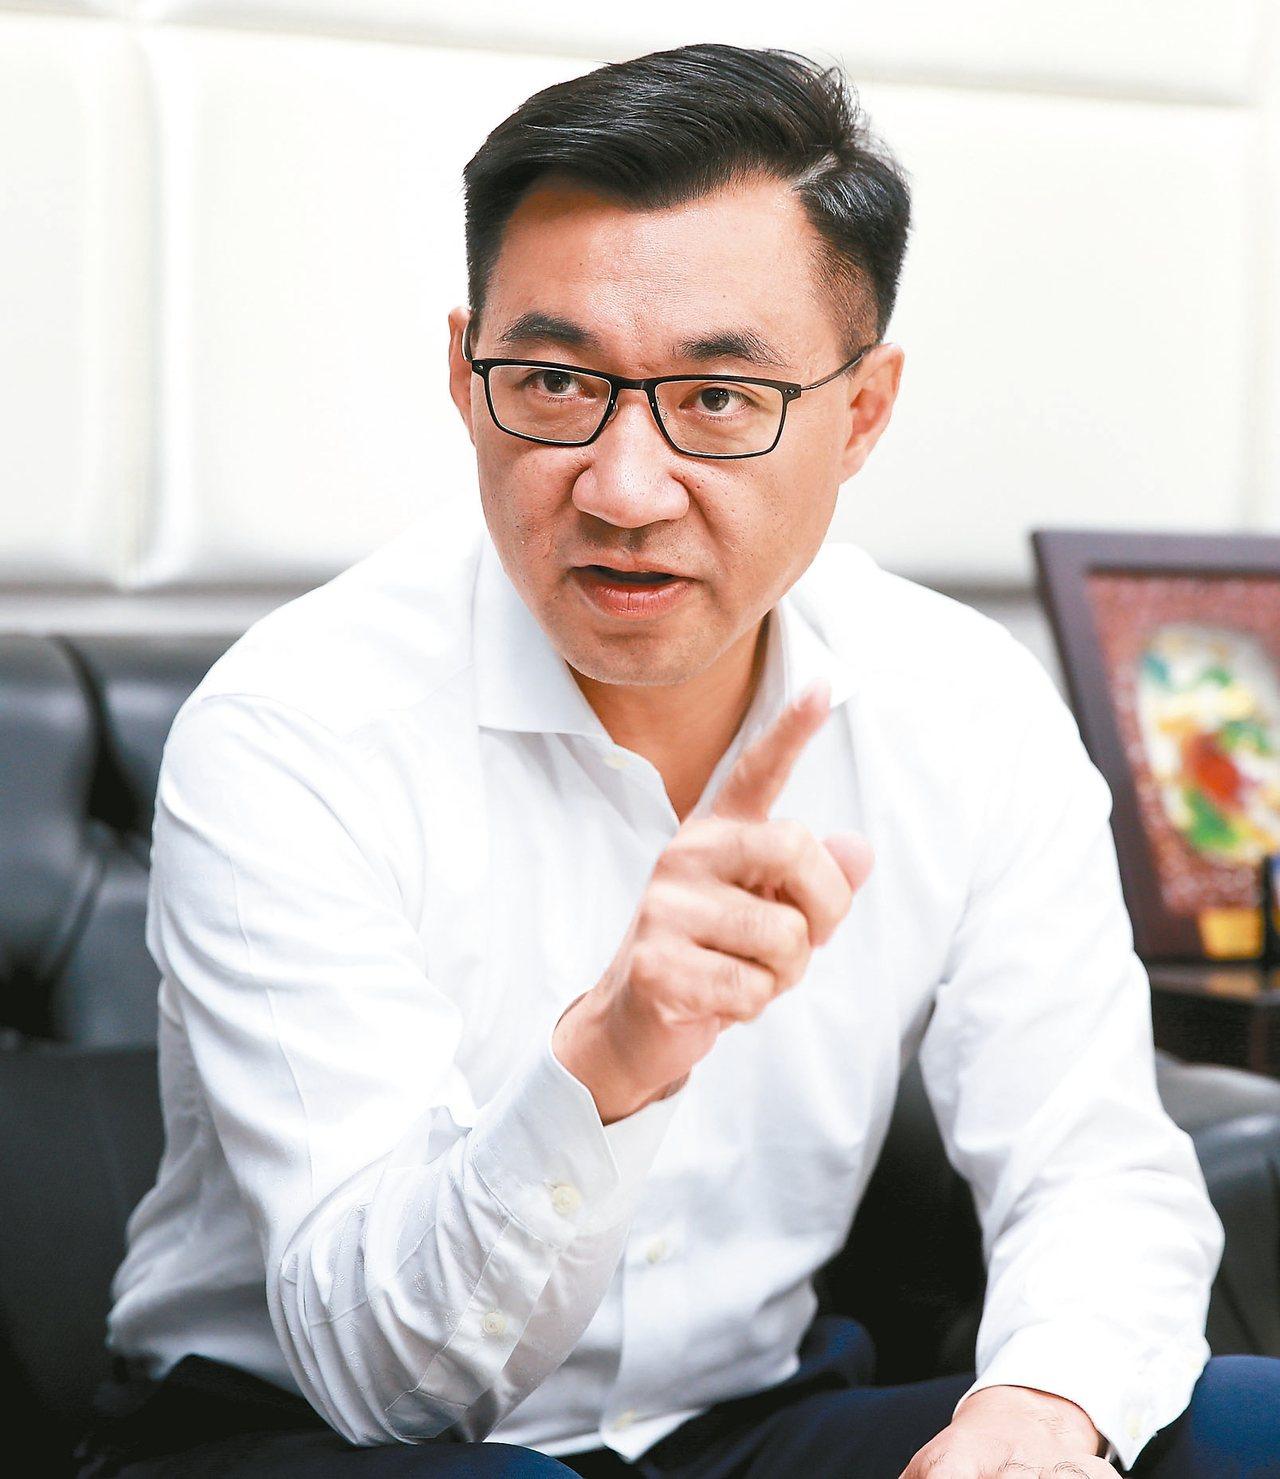 國民黨籍立委江啟臣準備投入台中市市長選舉。 記者程宜華/攝影